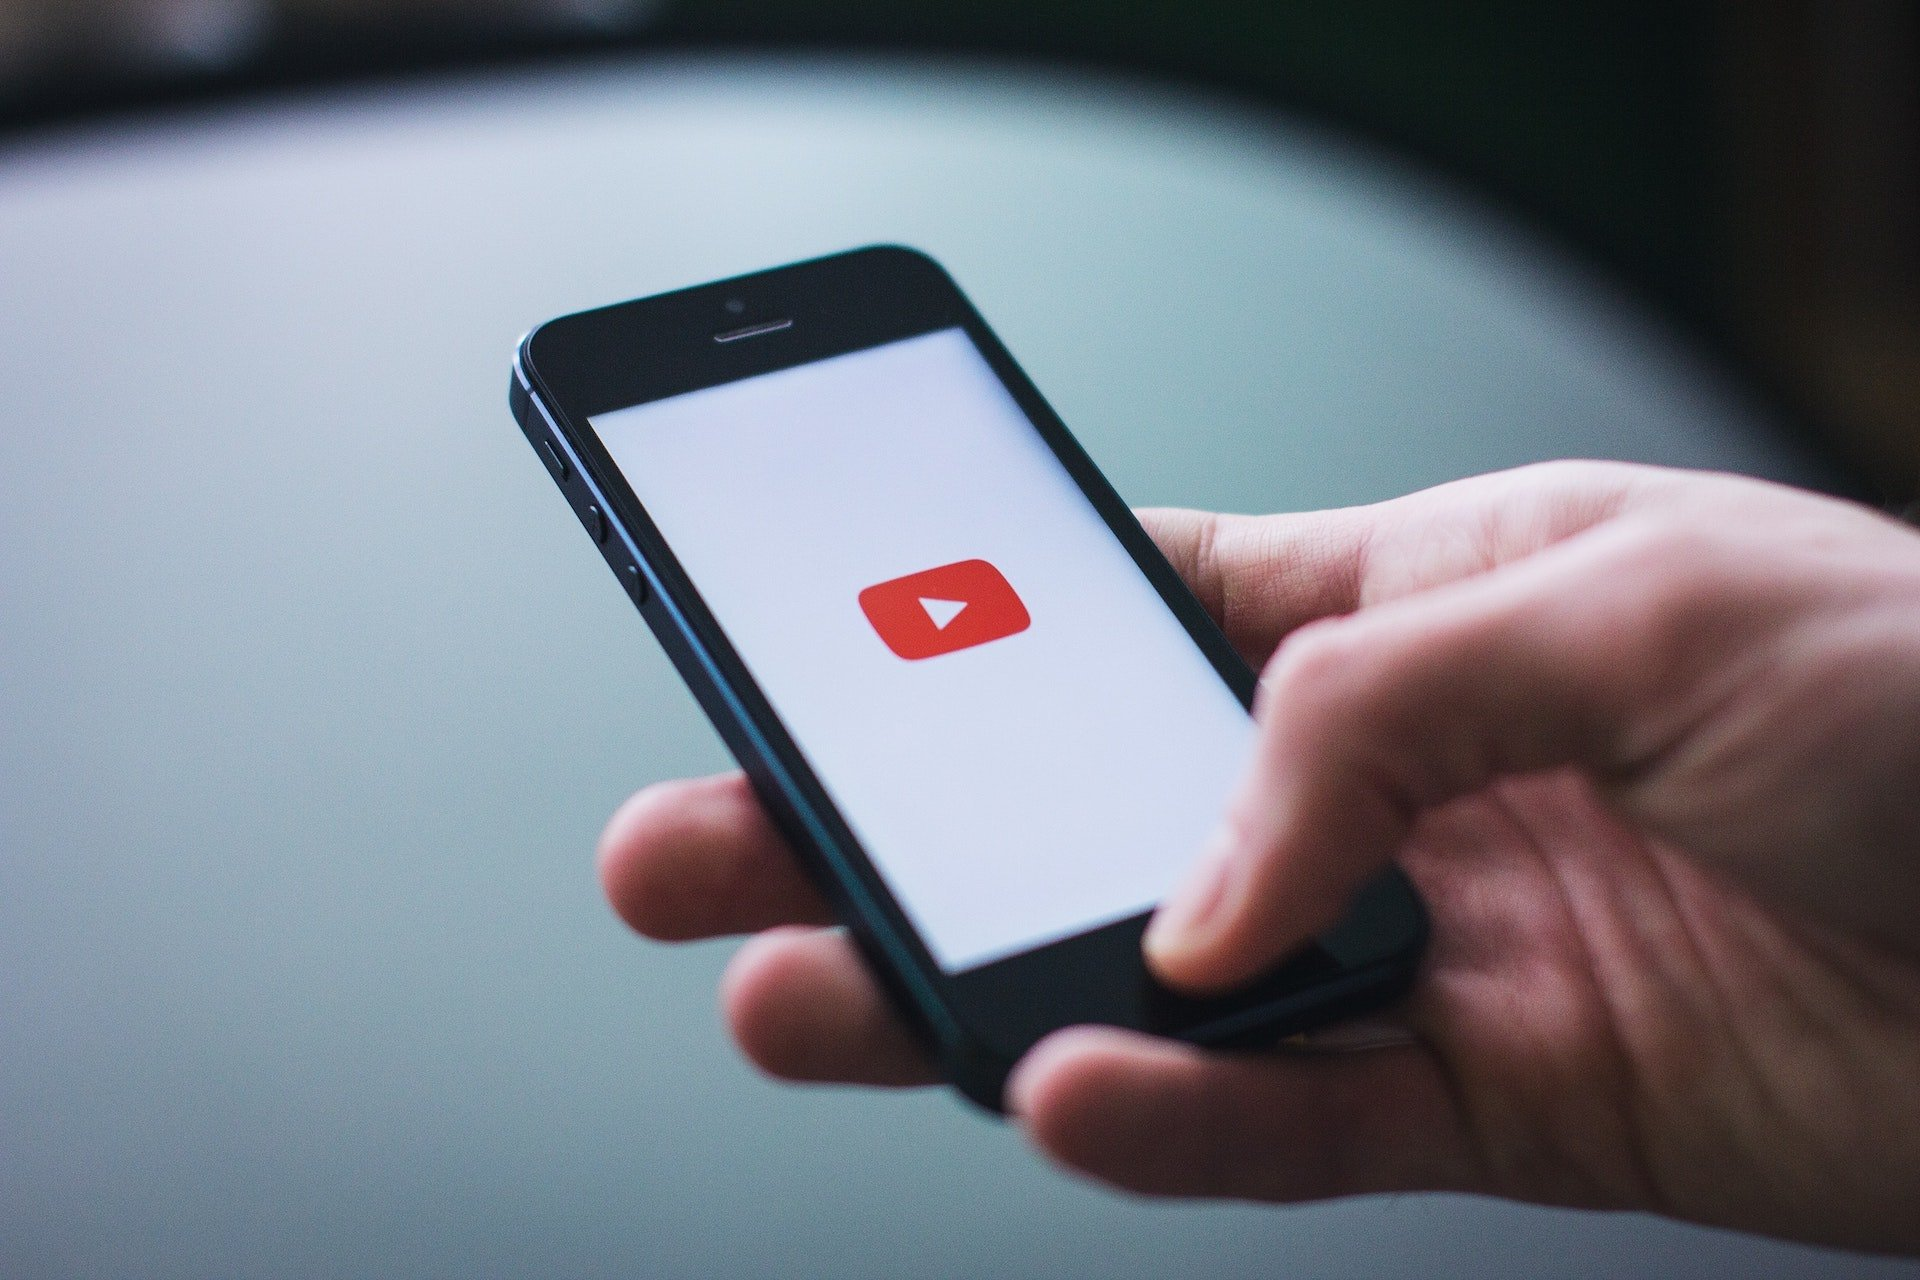 Los canales de Youtube ahora tienen la posibilidad de incluir publicidad que no se puede omitir